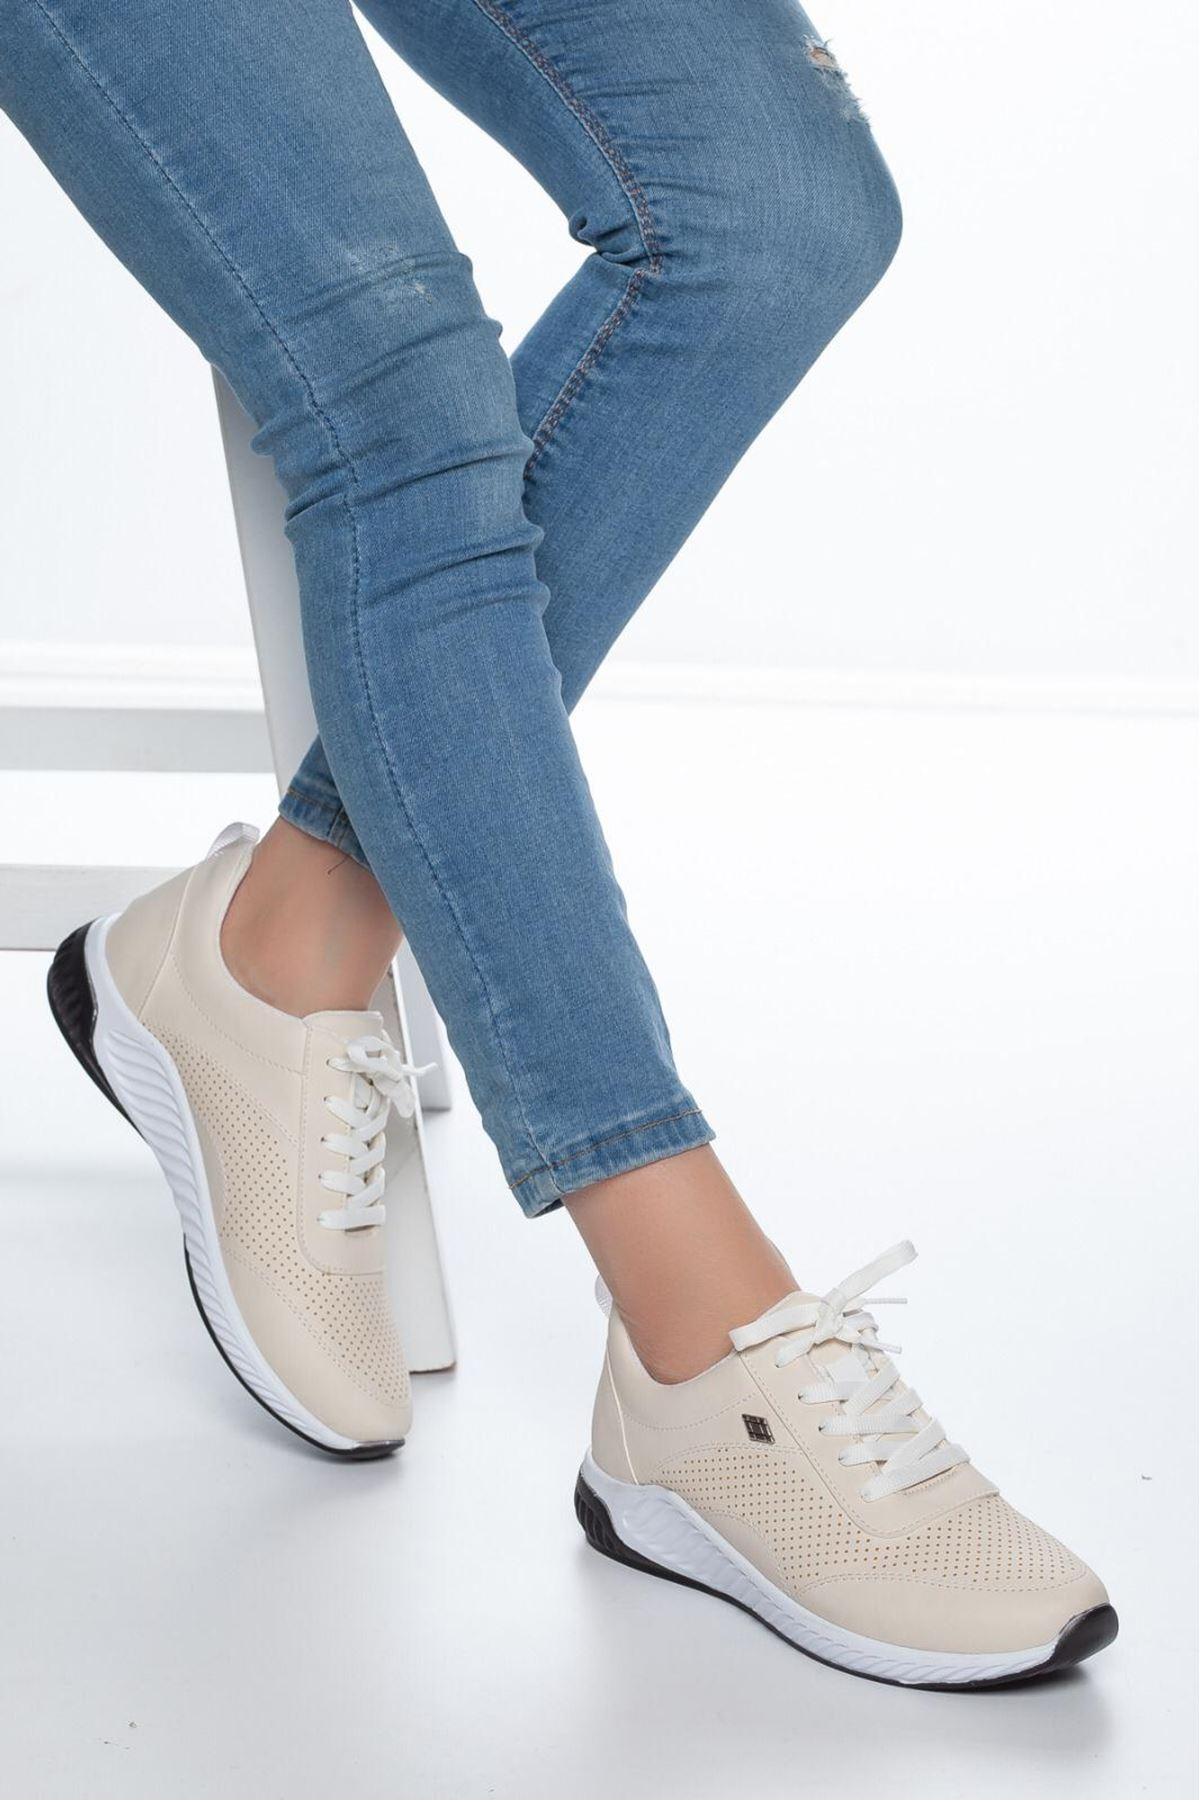 Derin Delik Detay Kadın Spor Ayakkabı Krem